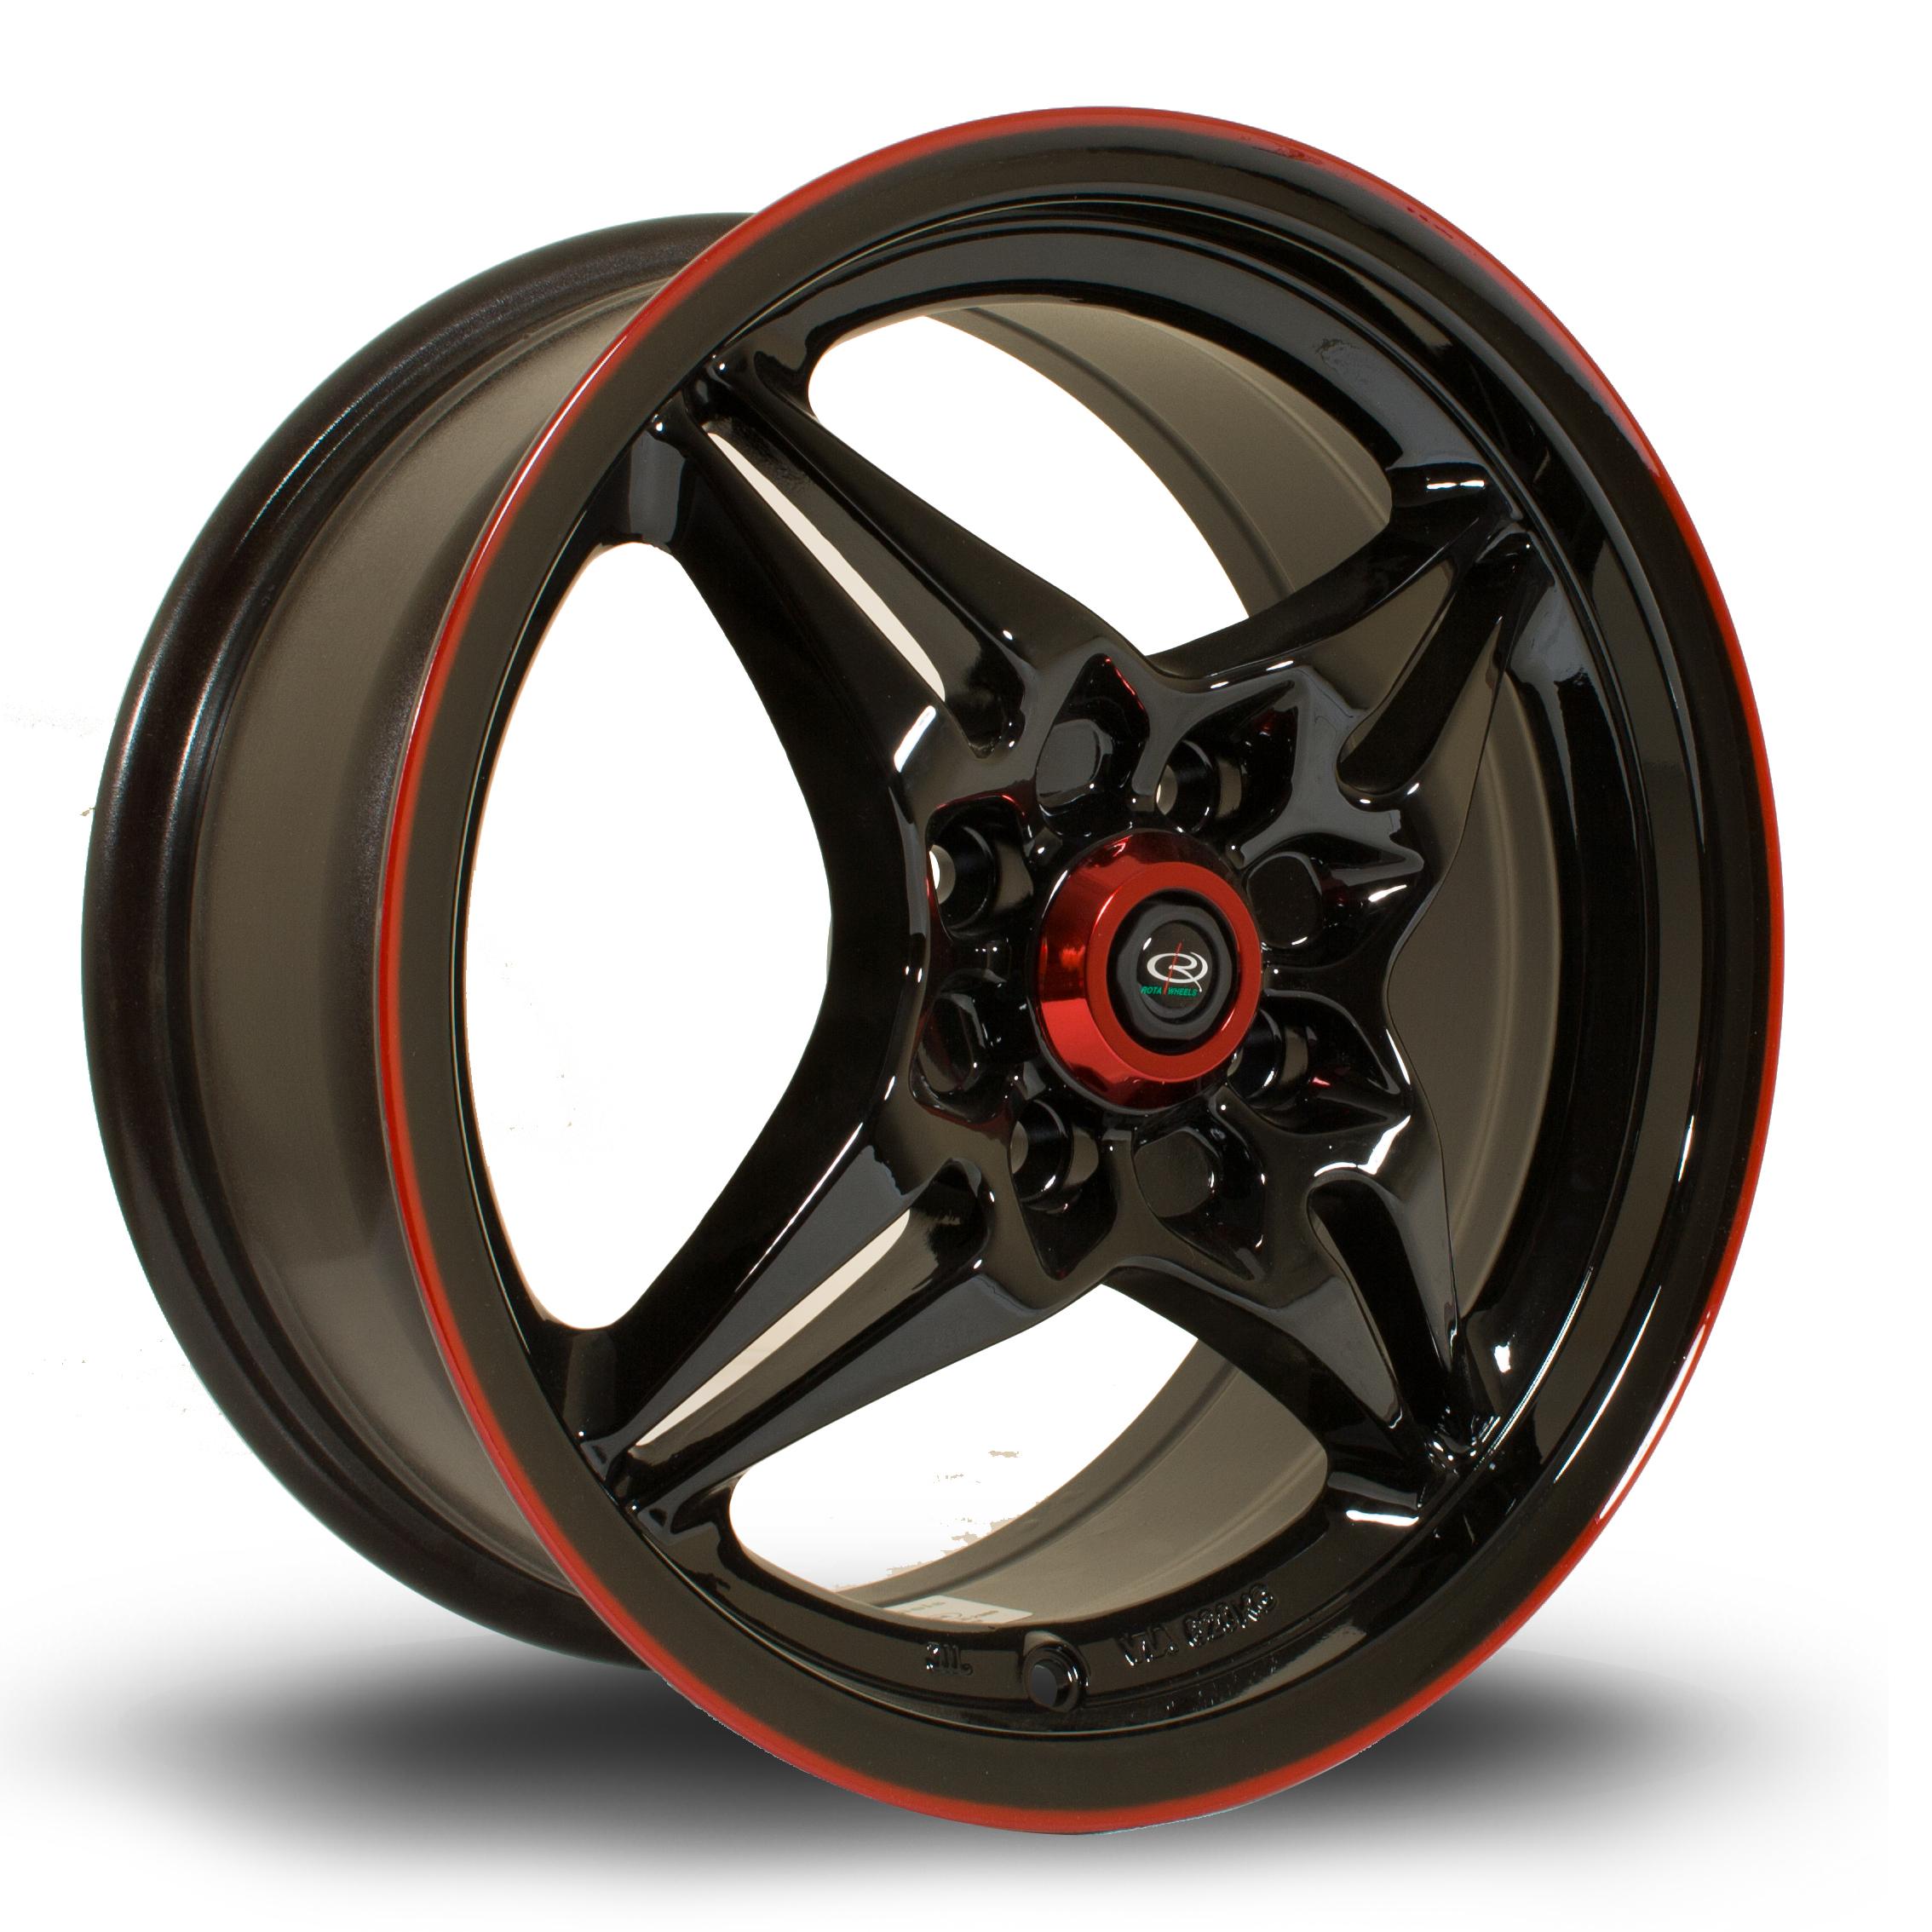 ROTA AUTOX 6,5x15 4x100 ET40 BLACK RED LIP